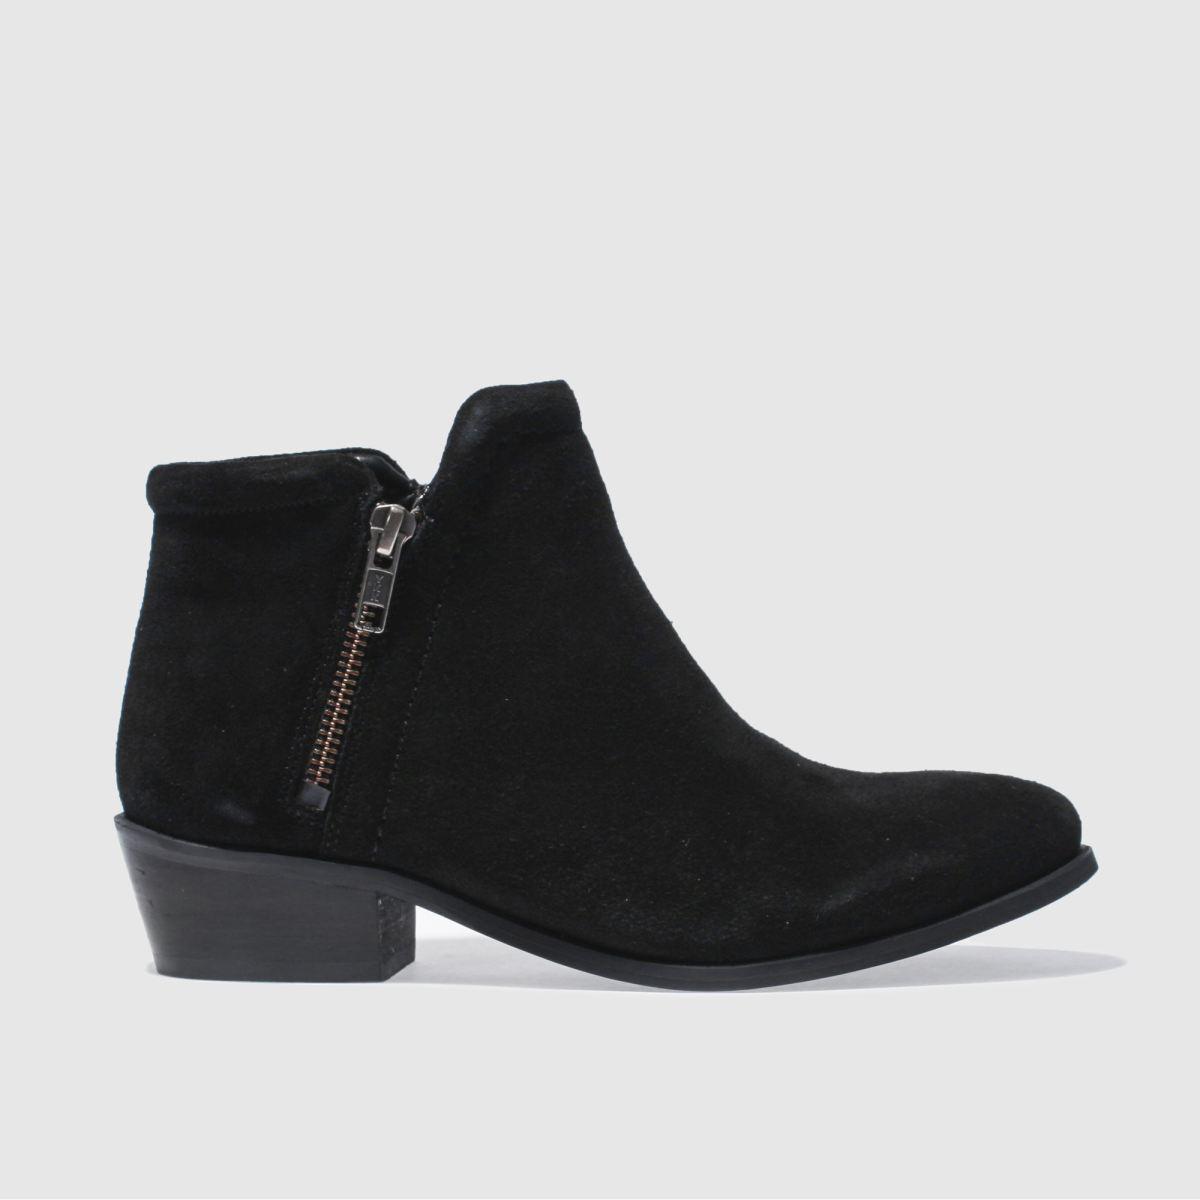 schuh black galaxy ii boots